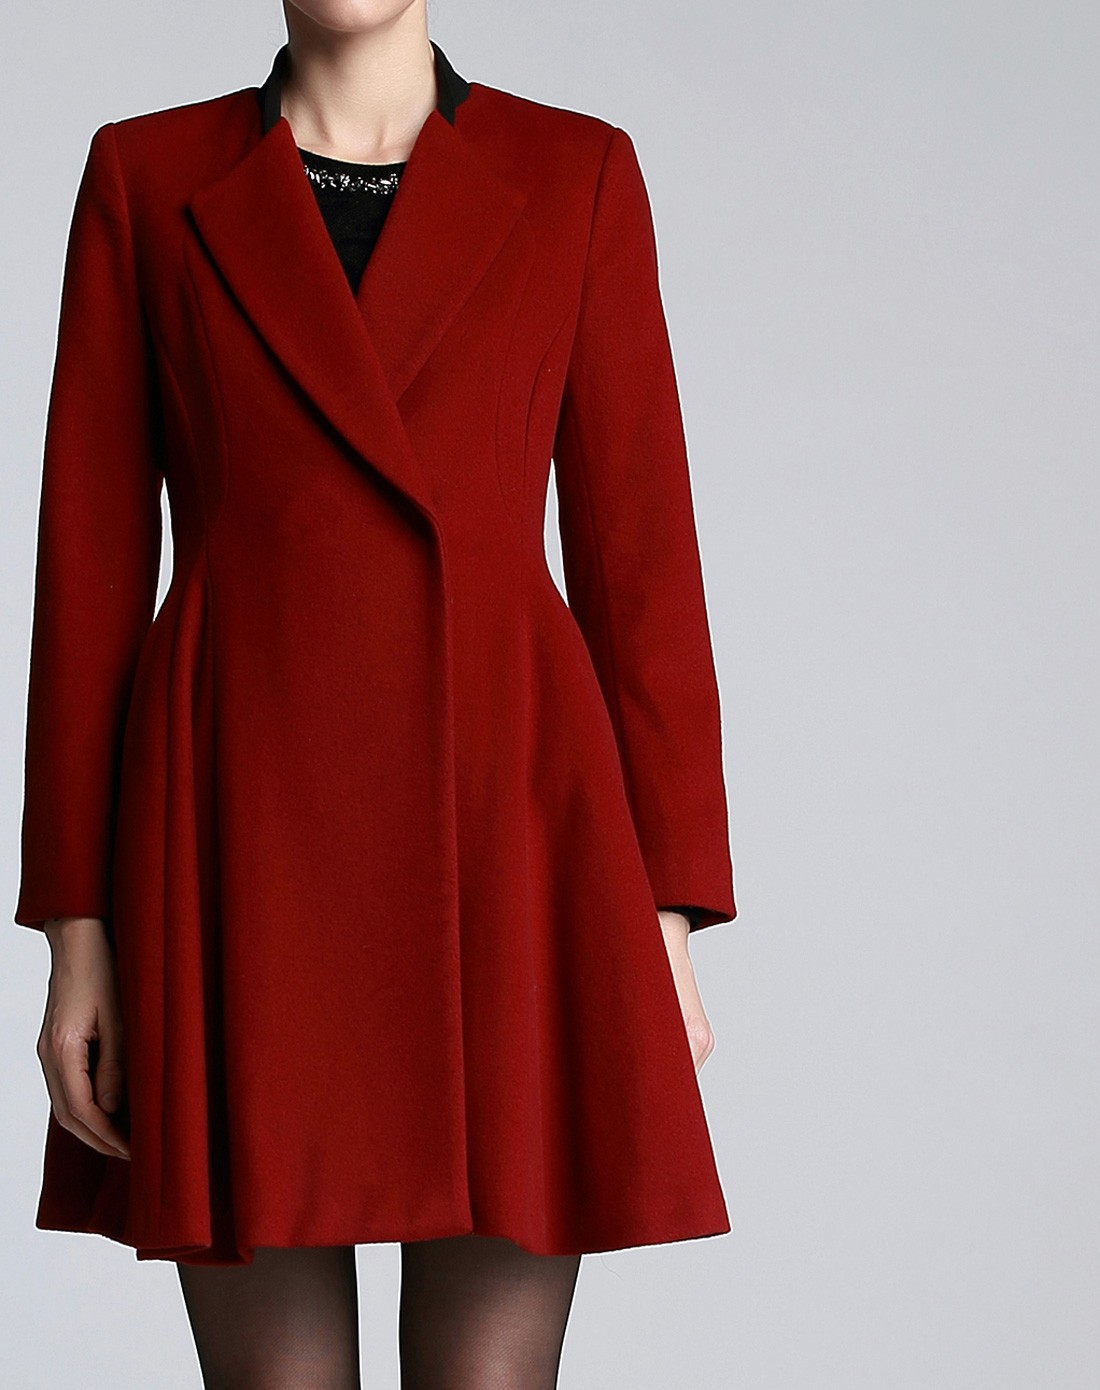 bblluuee女装枫叶红长大衣